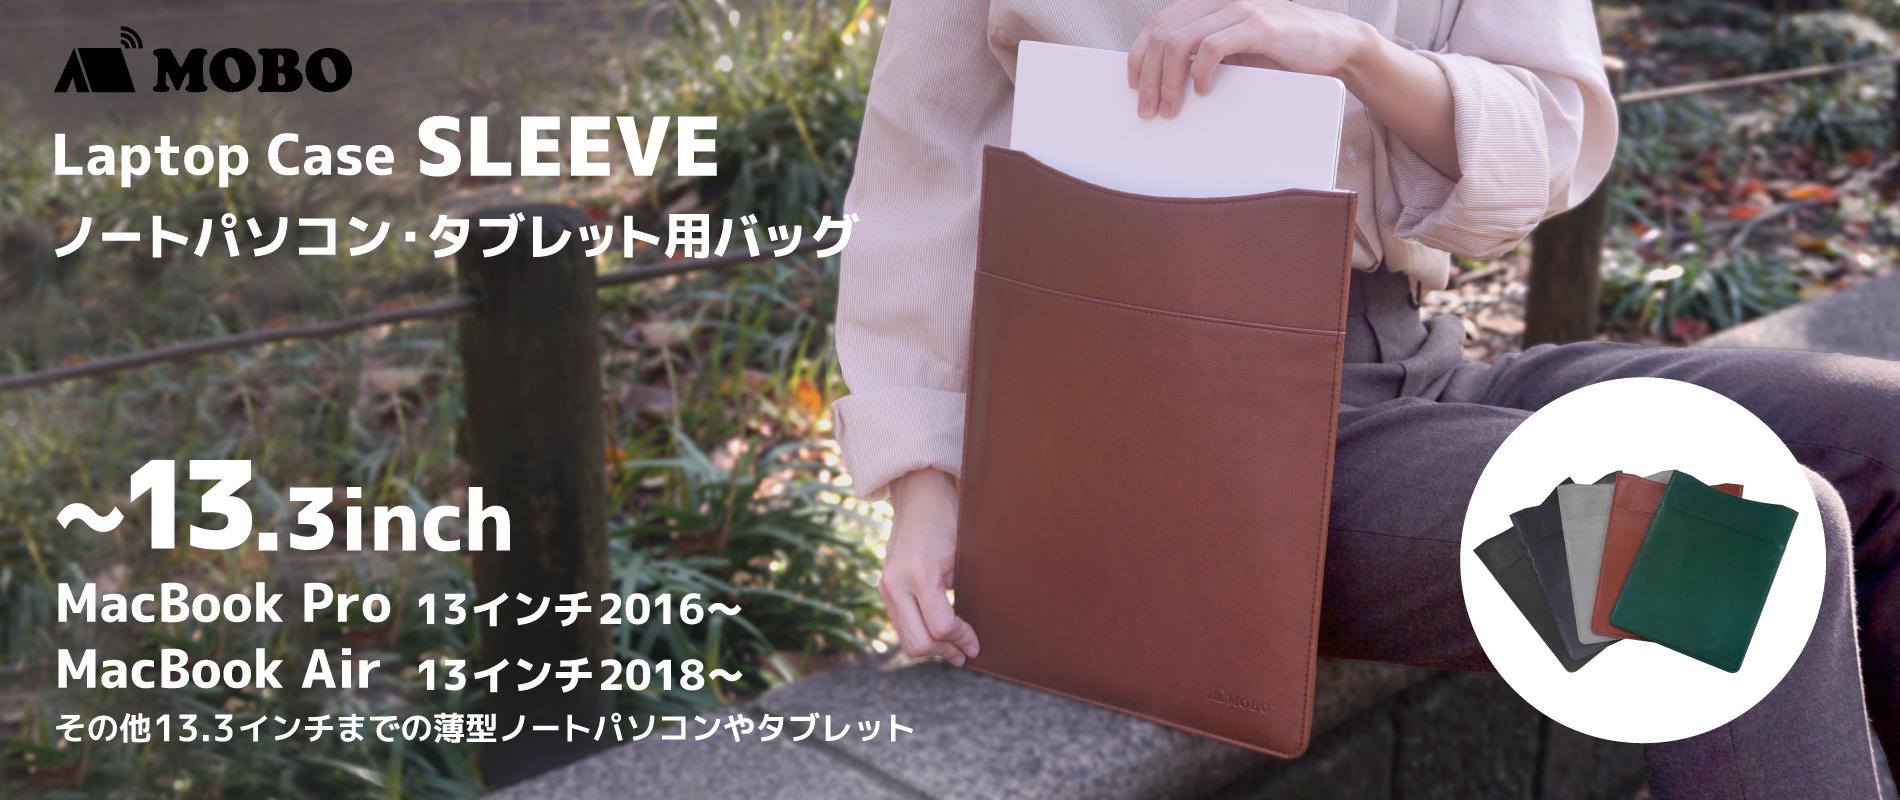 Seventeen slide